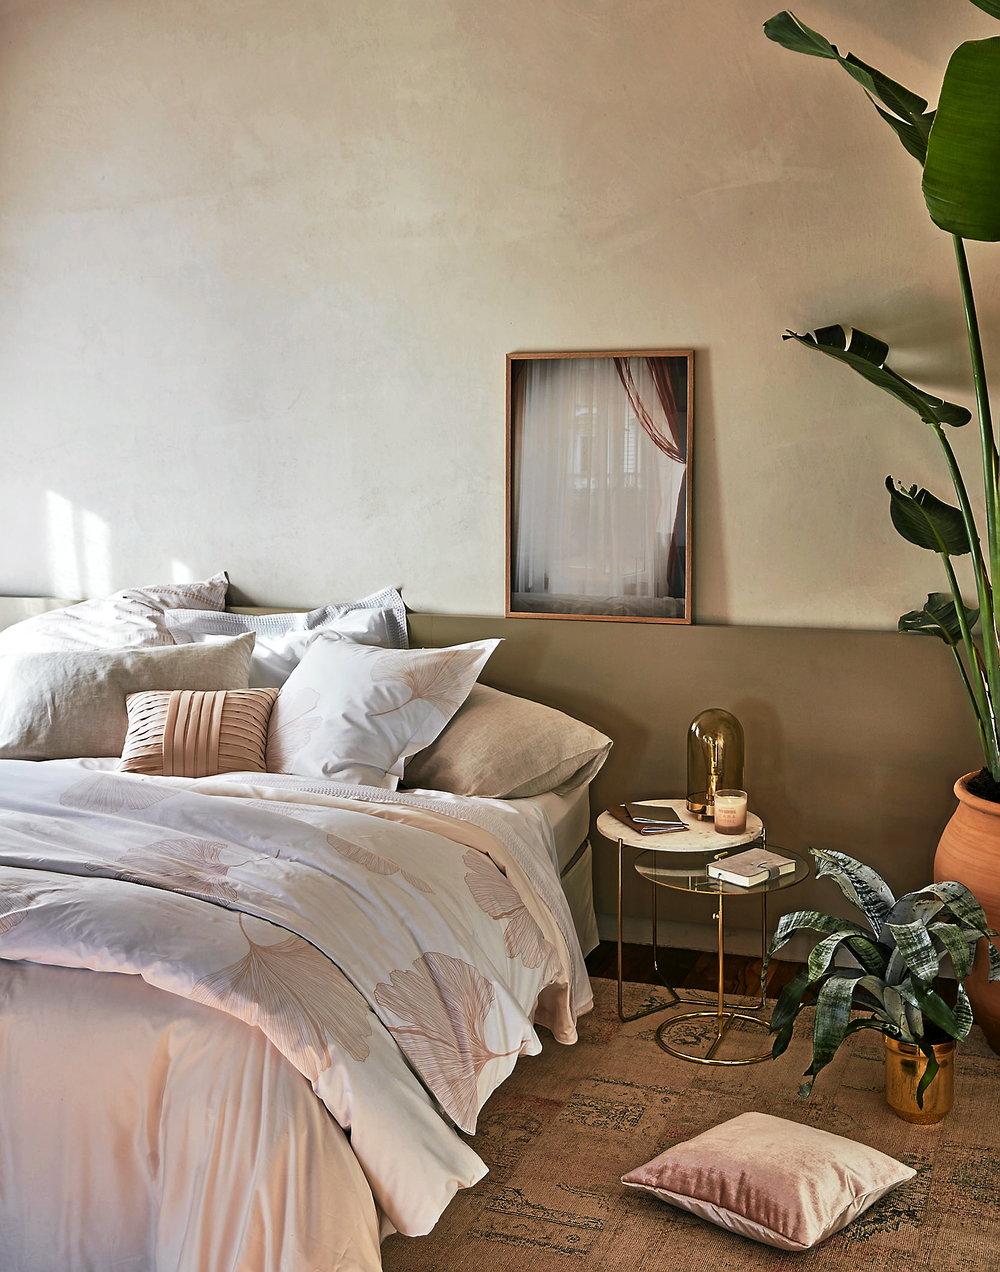 Vårkänslorna börjar smyga sig in i sovrummet hos Zara home med puderrosa toner och detaljer i mässing.